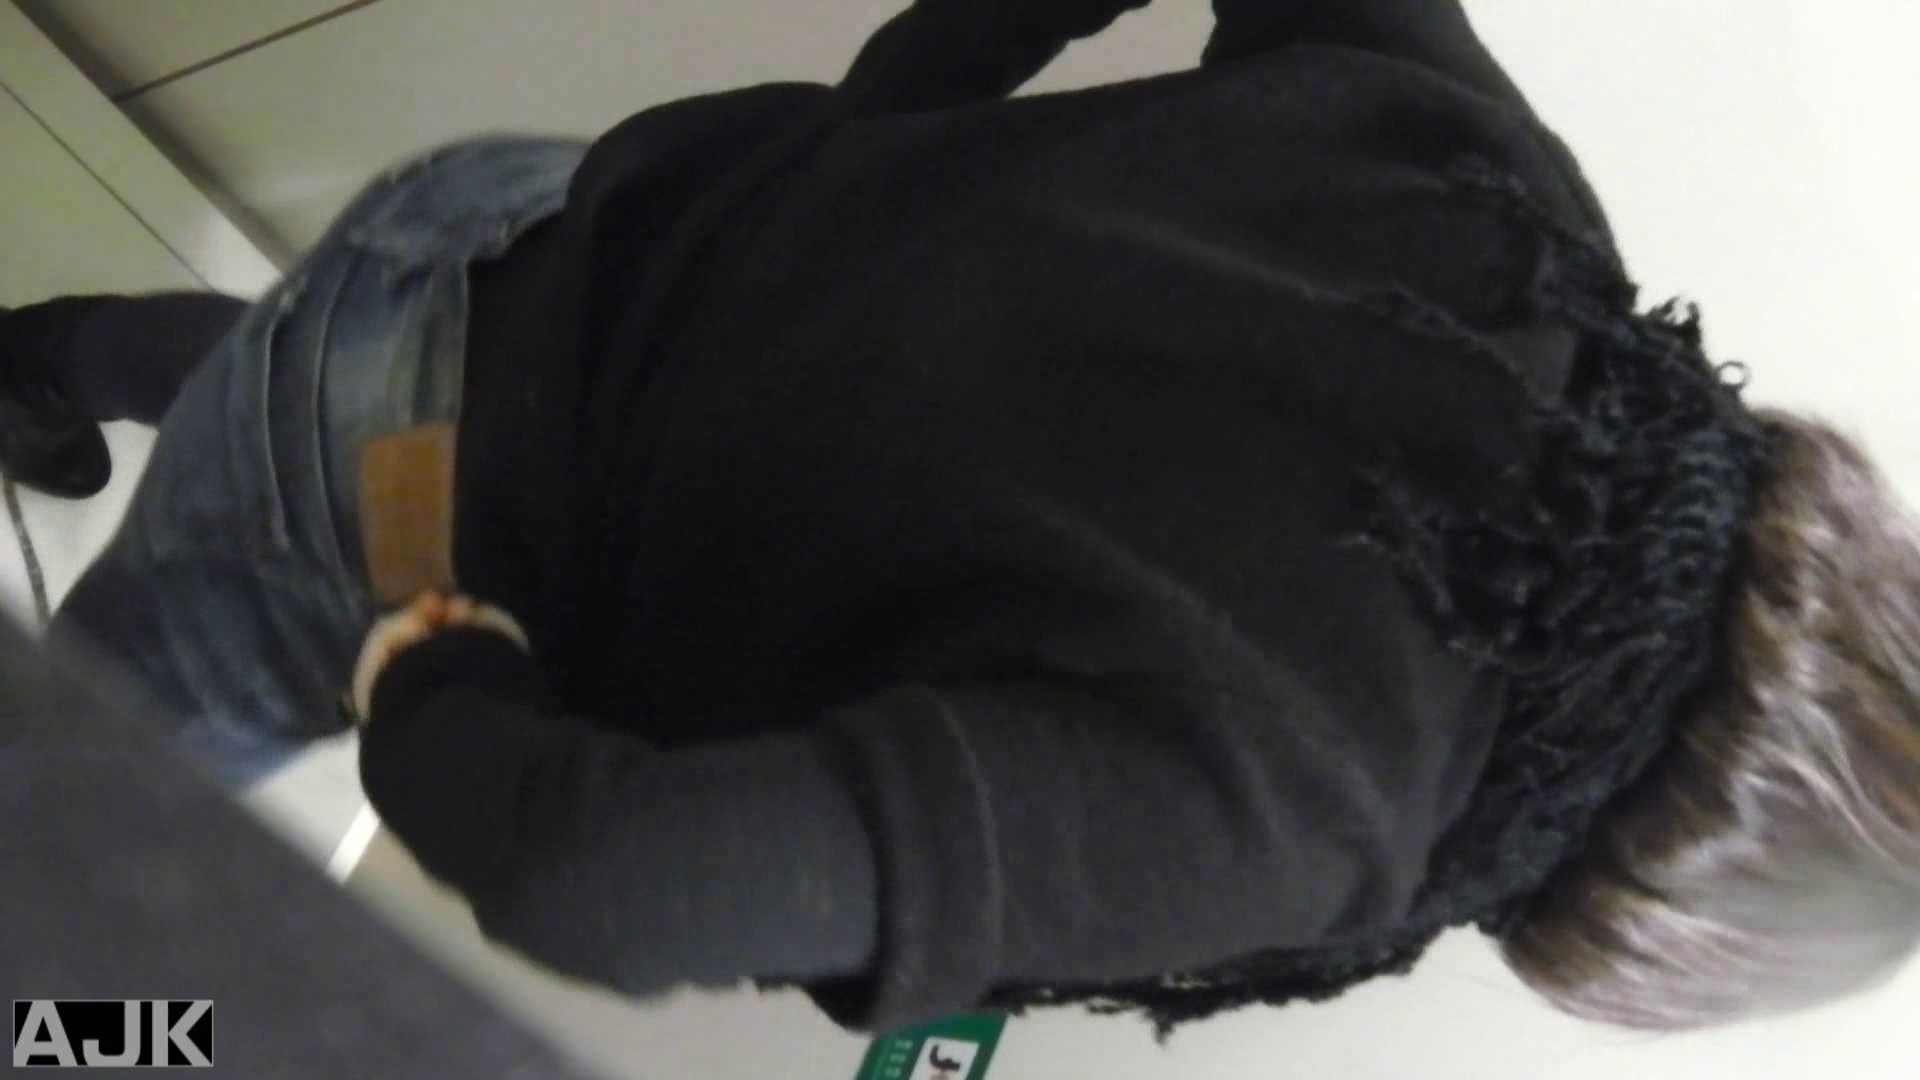 隣国上階級エリアの令嬢たちが集うデパートお手洗い Vol.09 オマンコ・ぱっくり AV動画キャプチャ 73画像 38